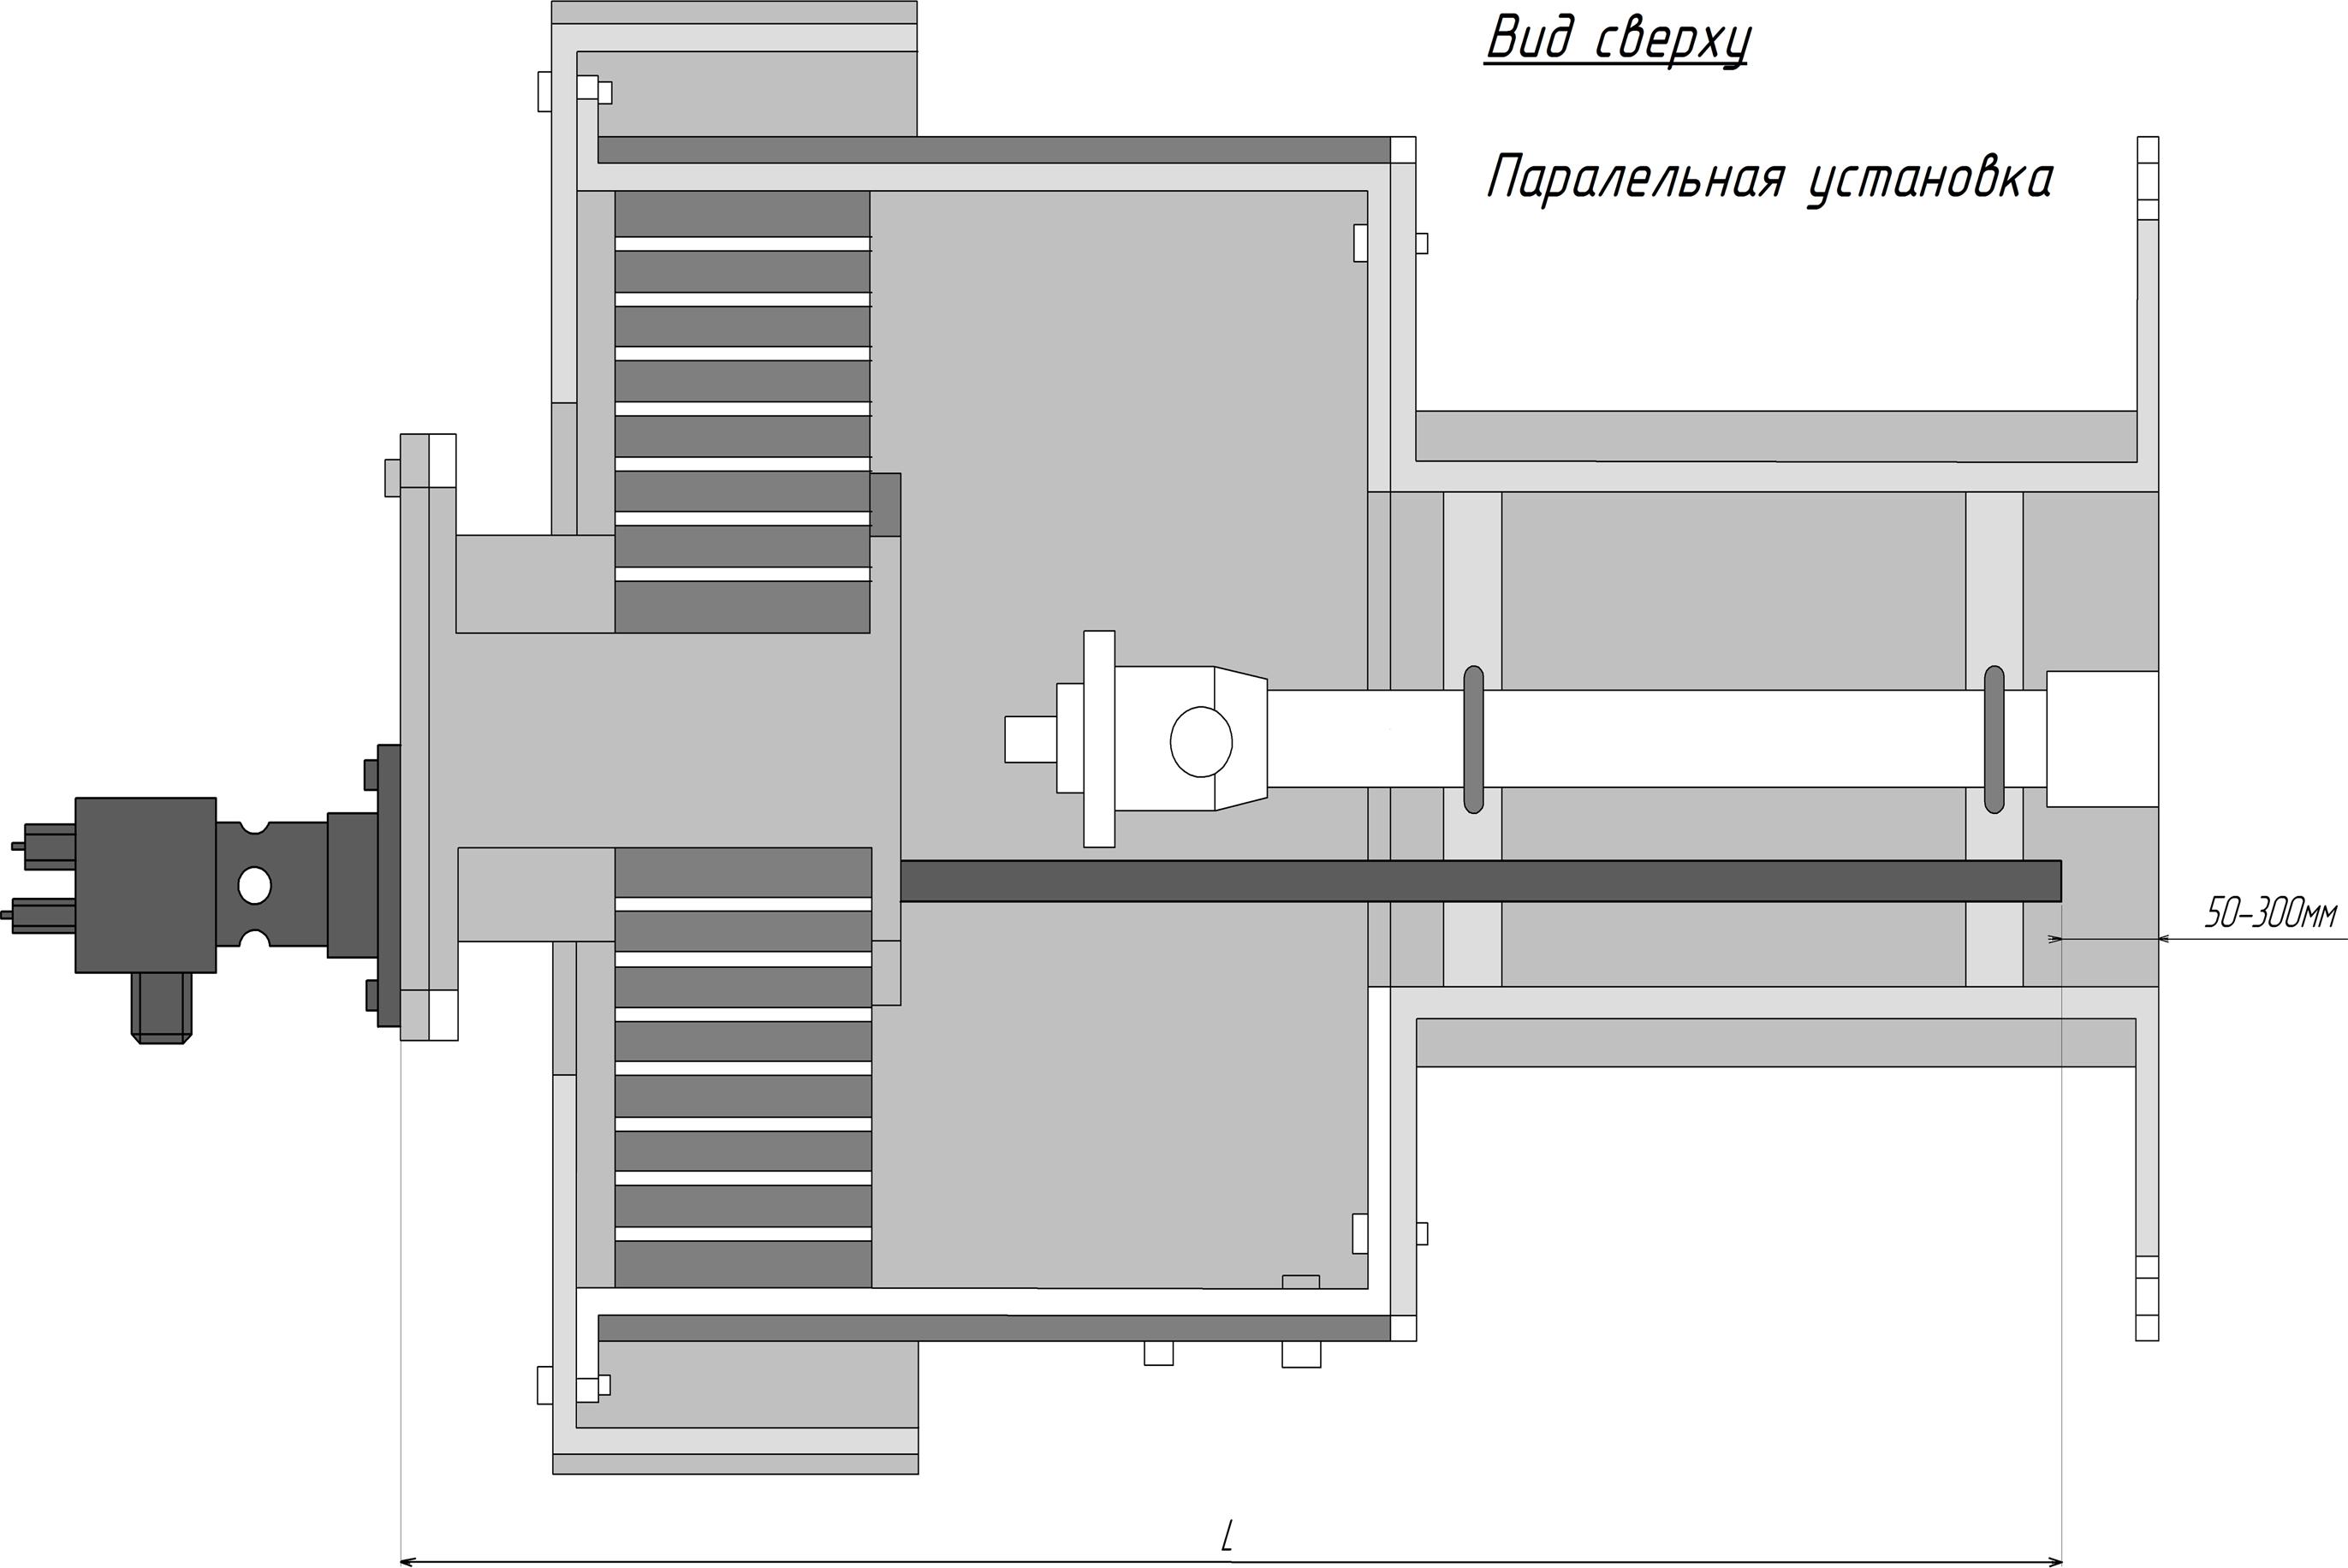 прибор контроля пламени ф 34 2 электрическая схема